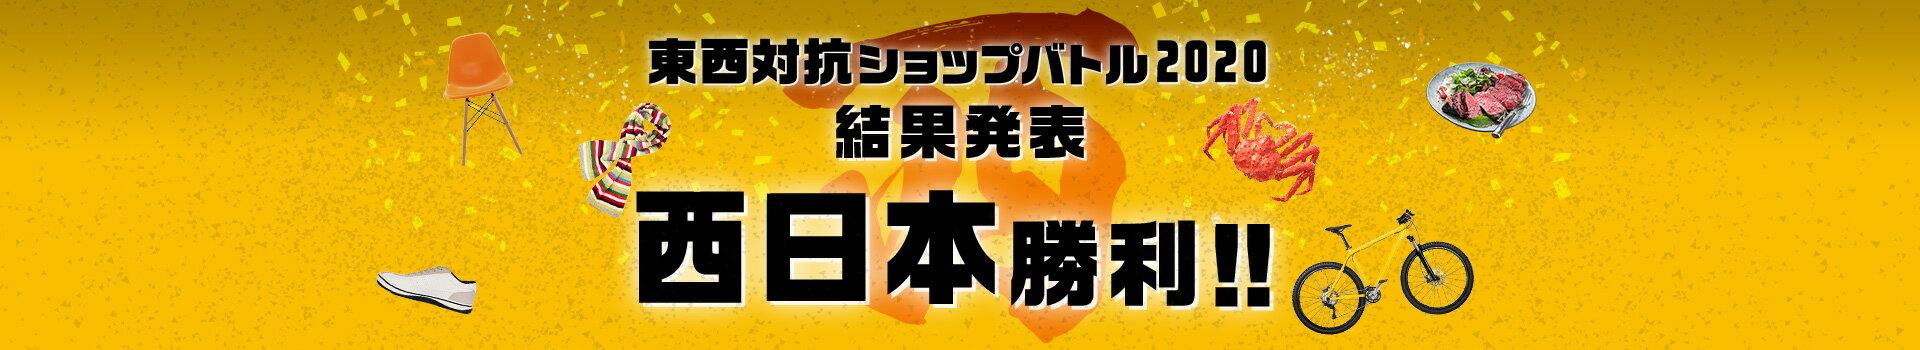 東西対抗ショップバトル 2020 結果発表 西日本 勝利!!